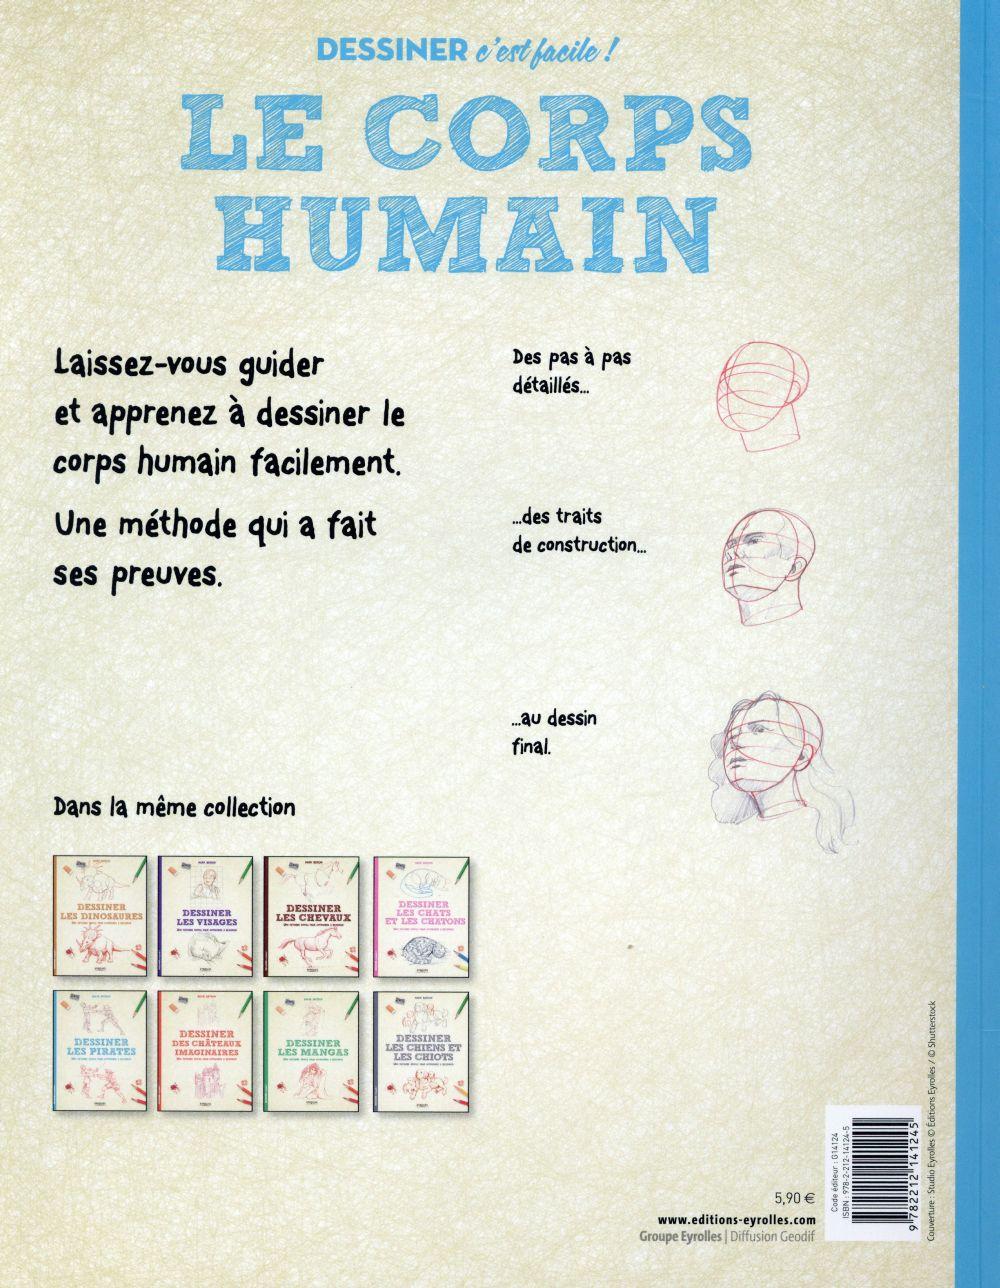 Dessiner le corps humain ; une méthode simple pour apprendre à dessiner